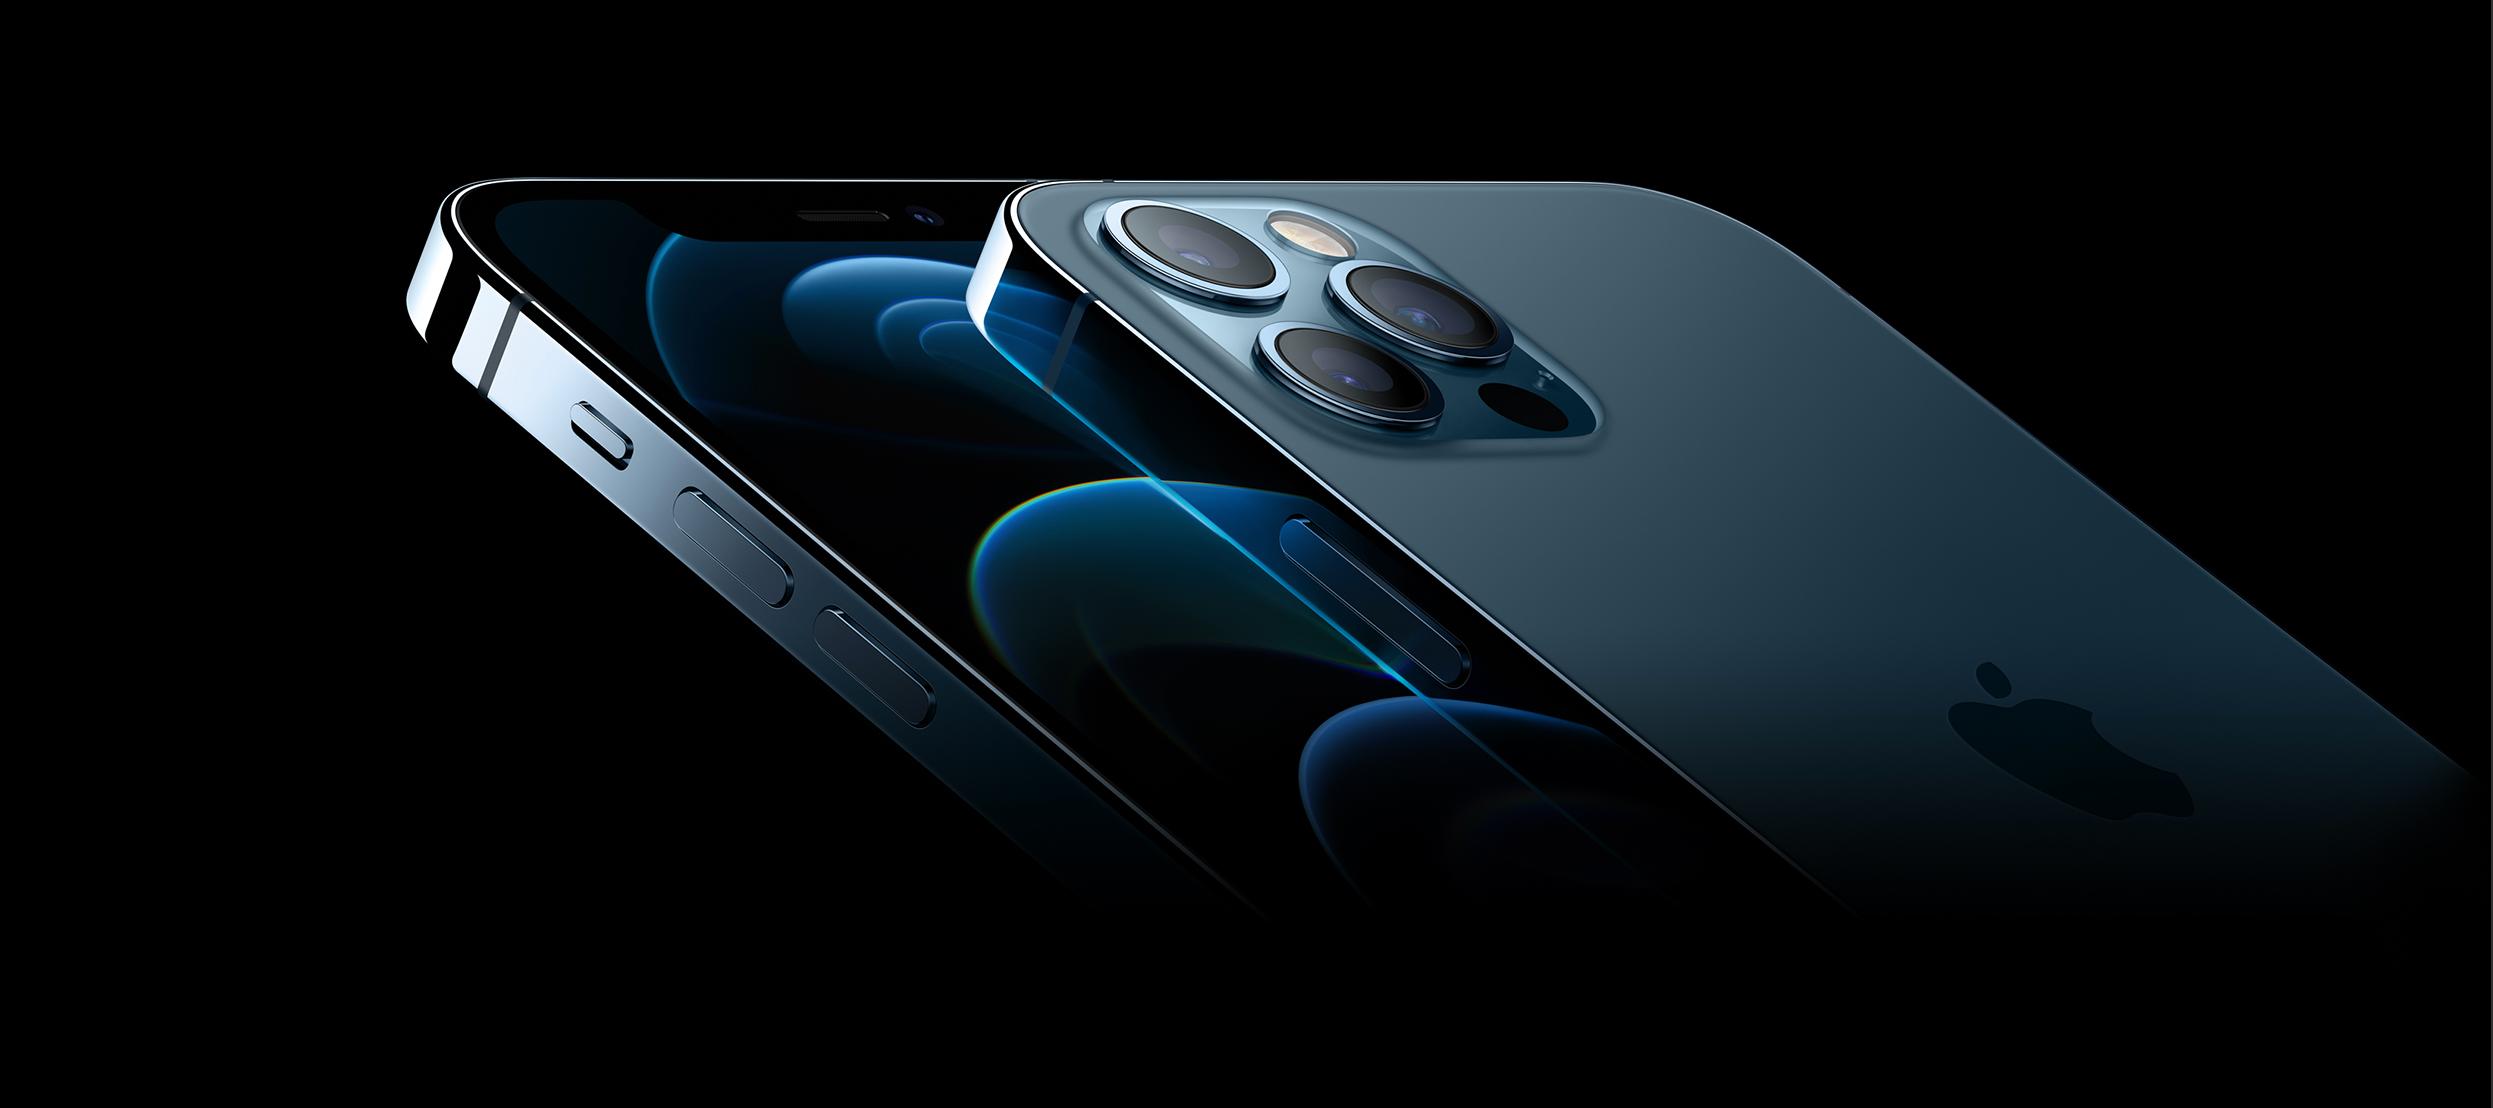 [FAQ] Alle vragen over de iPhone 12, iPhone 12 Pro, de iPhone 12 Pro Max, en de iPhone 12 mini!